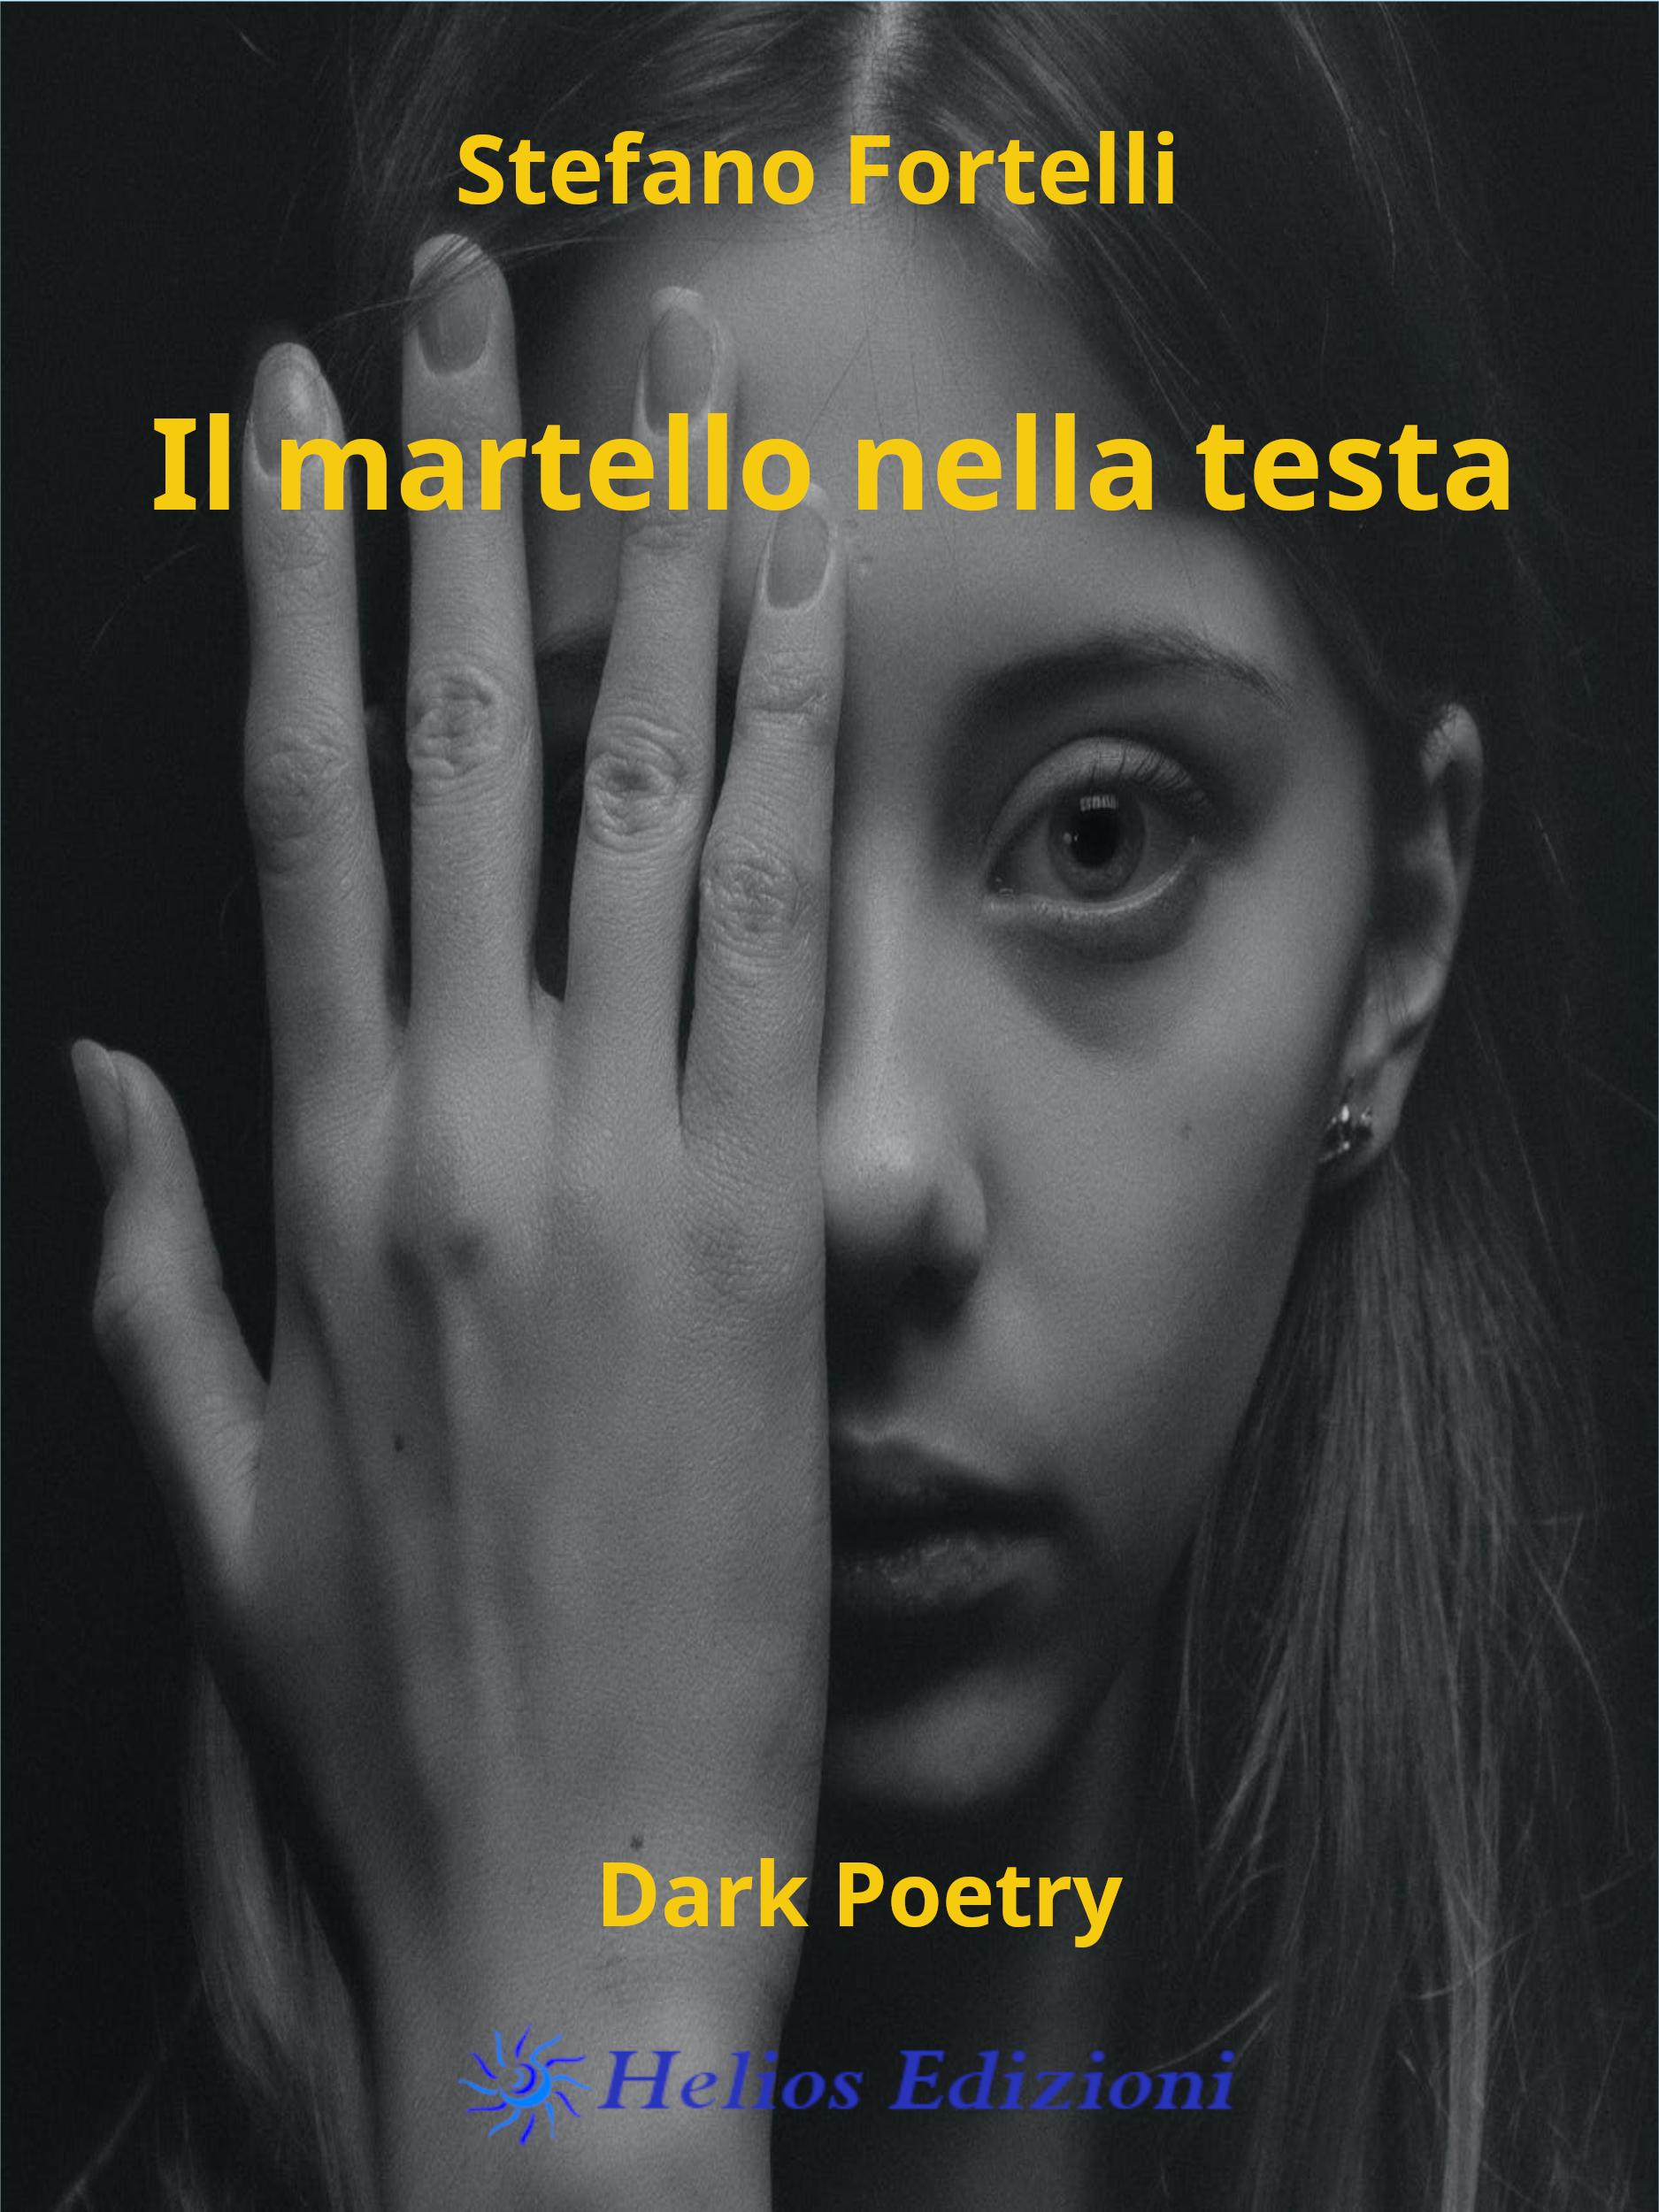 """Il martello nella testa, la dark poetry in """"stile Fortelli"""""""